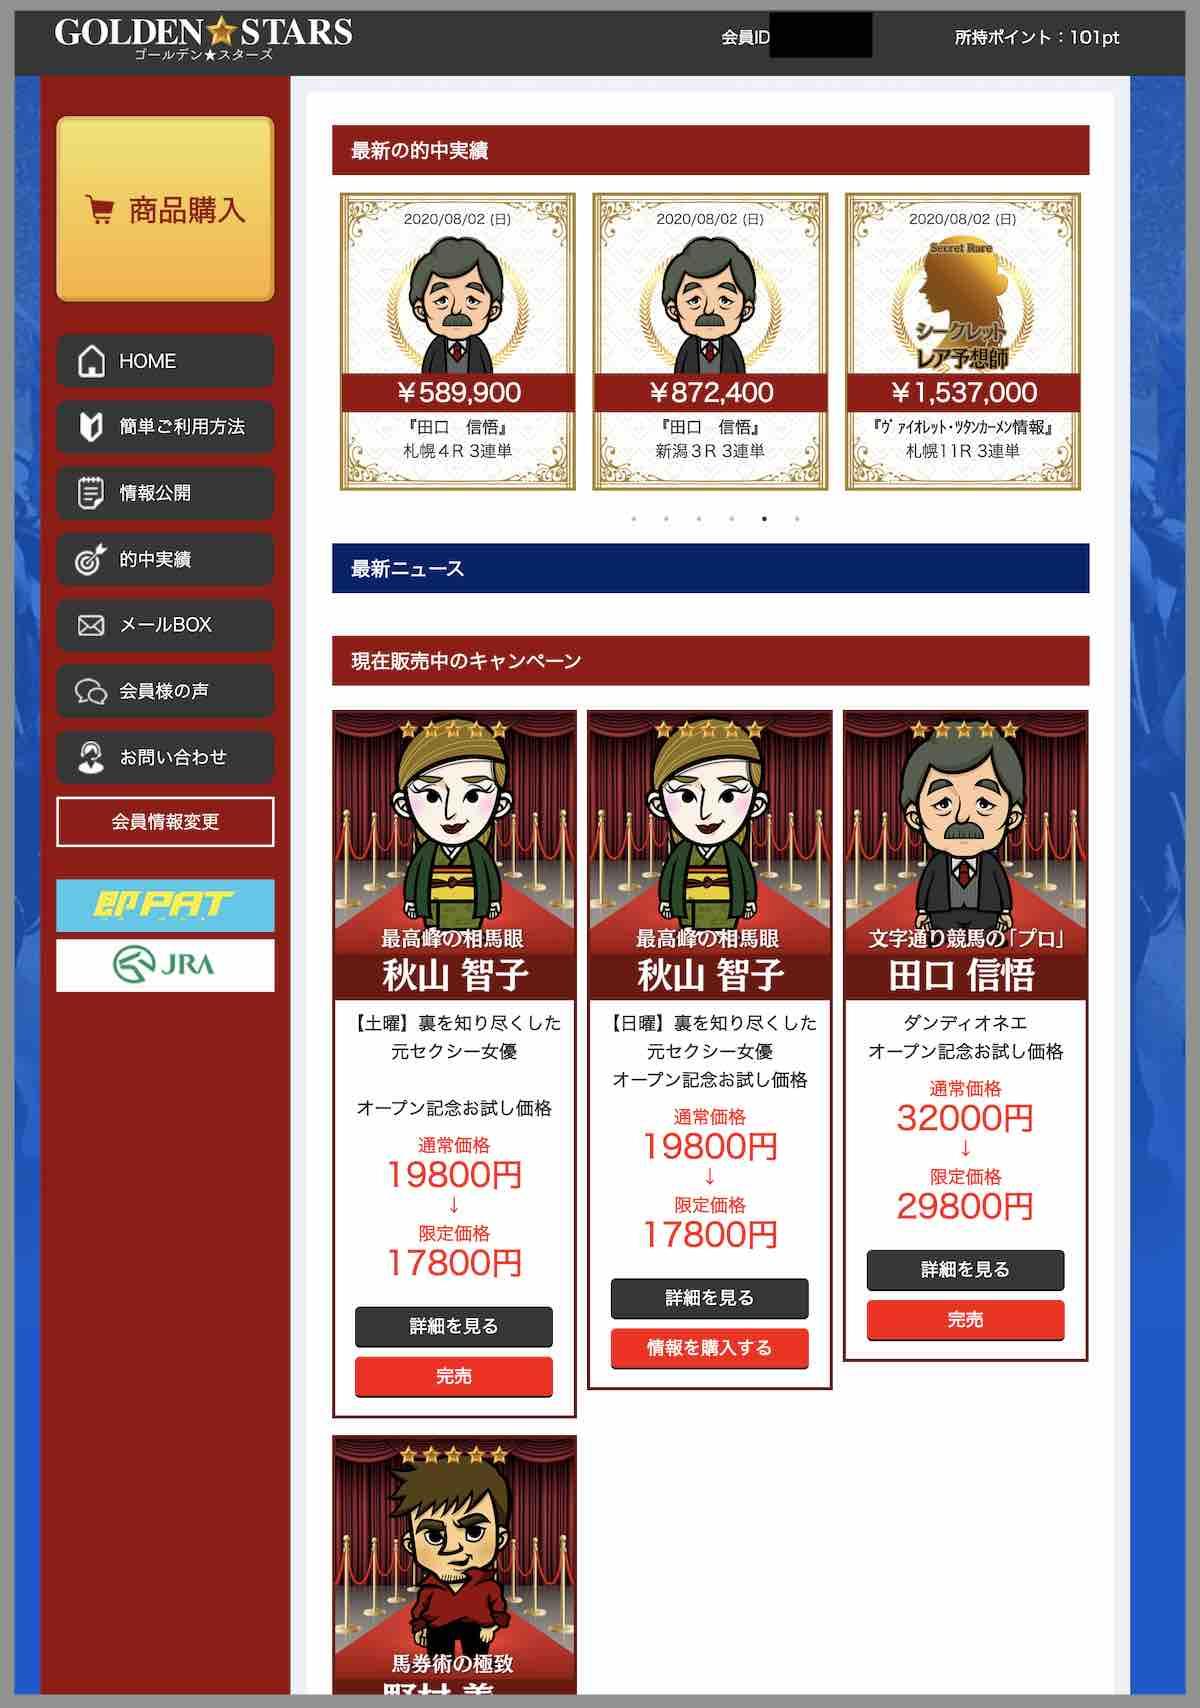 ゴールデンスターズ(GOLDEN★STARS)という競馬予想サイトの会員ページ